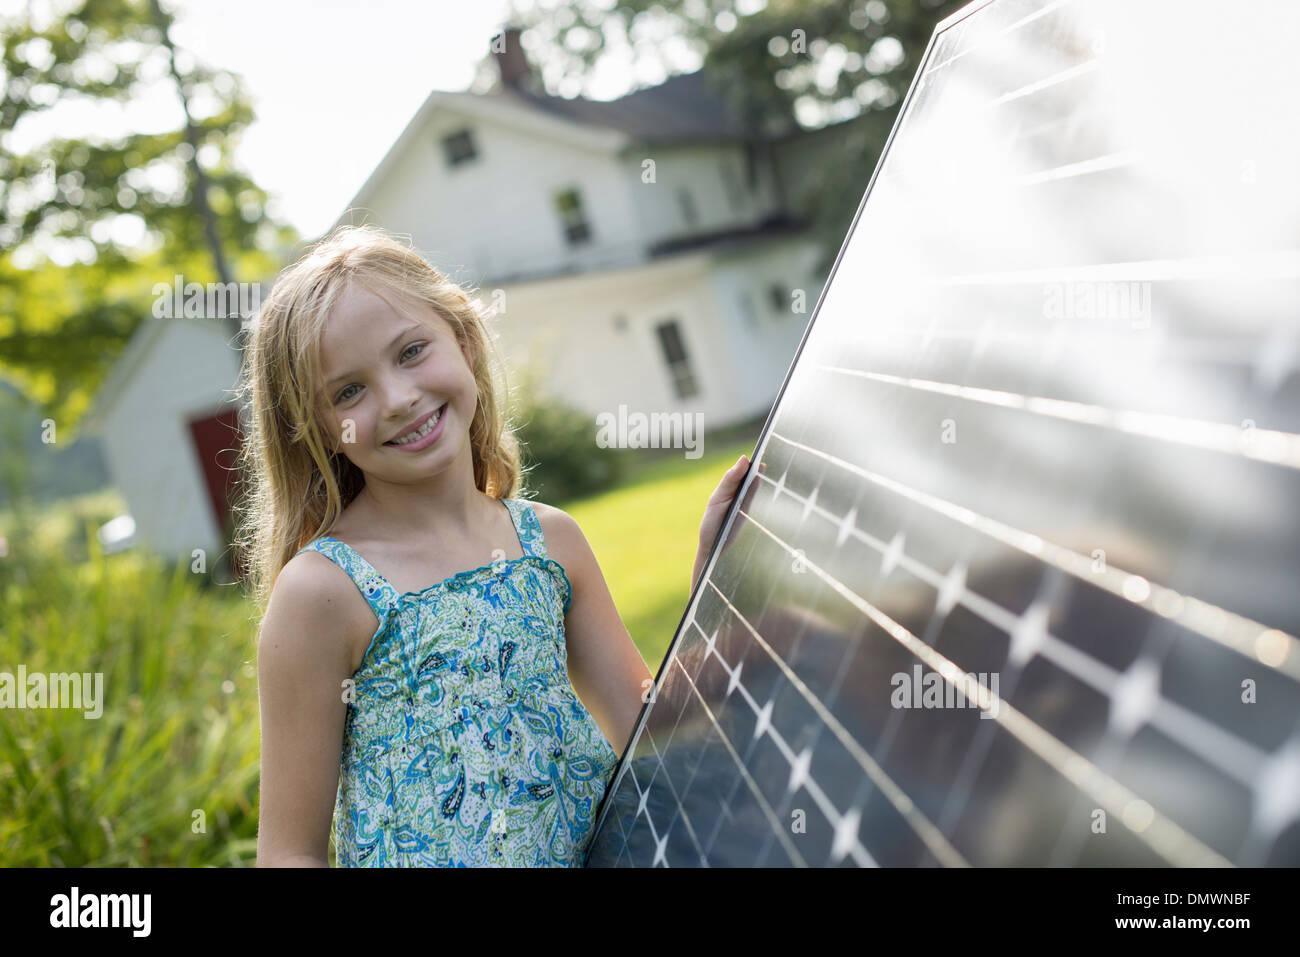 Una chica joven al lado de un gran panel solar en una alquería jardín. Imagen De Stock